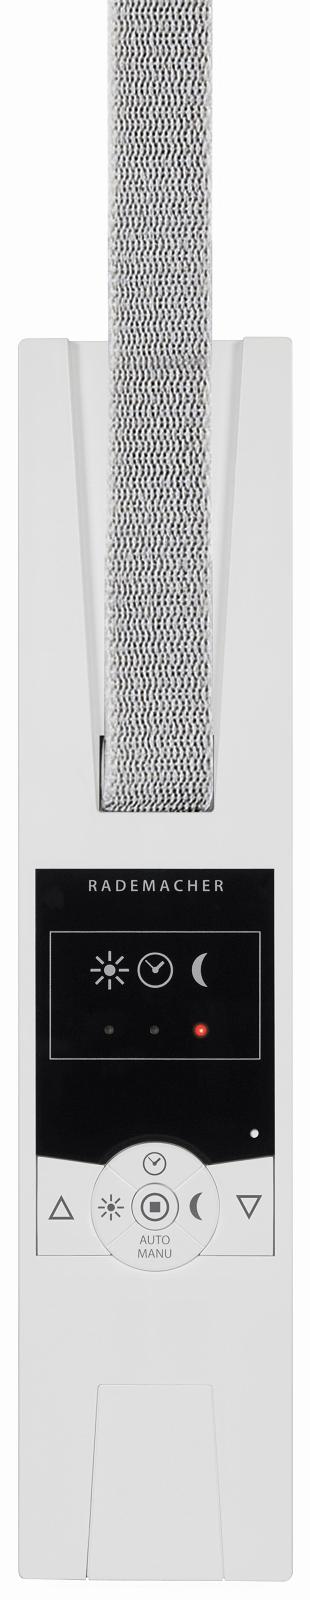 Rademacher Gurtwickler RolloTron Standard Plus